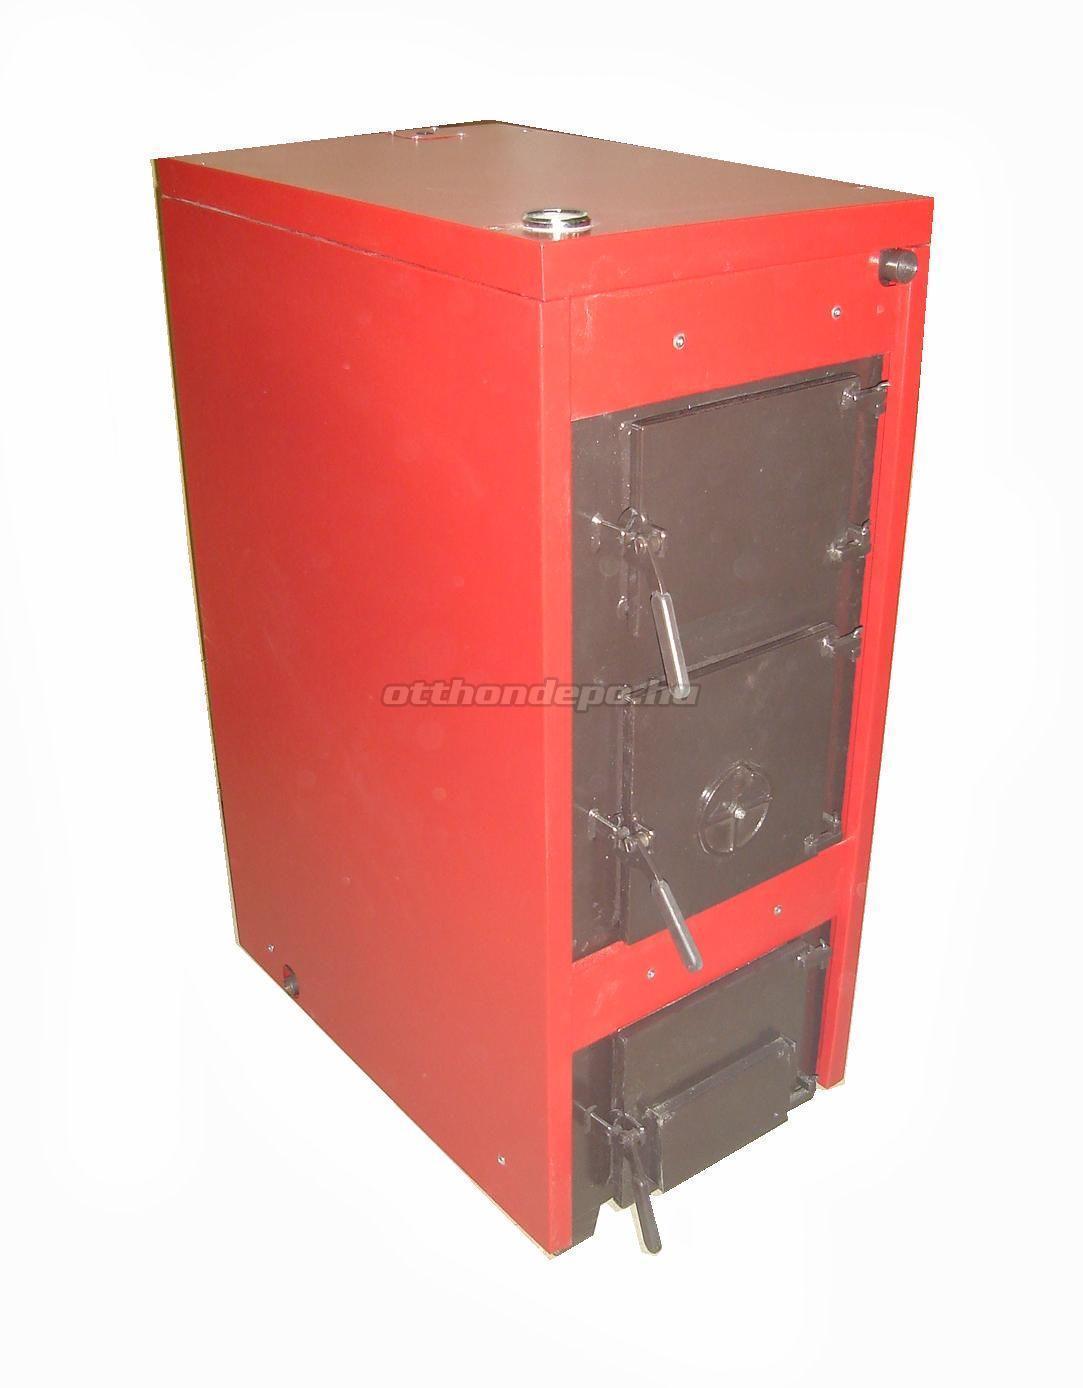 Hőtechnika Hőtechnika, Hőterm Simplex Novus 02, vegyestüzelésű kazán, lemez